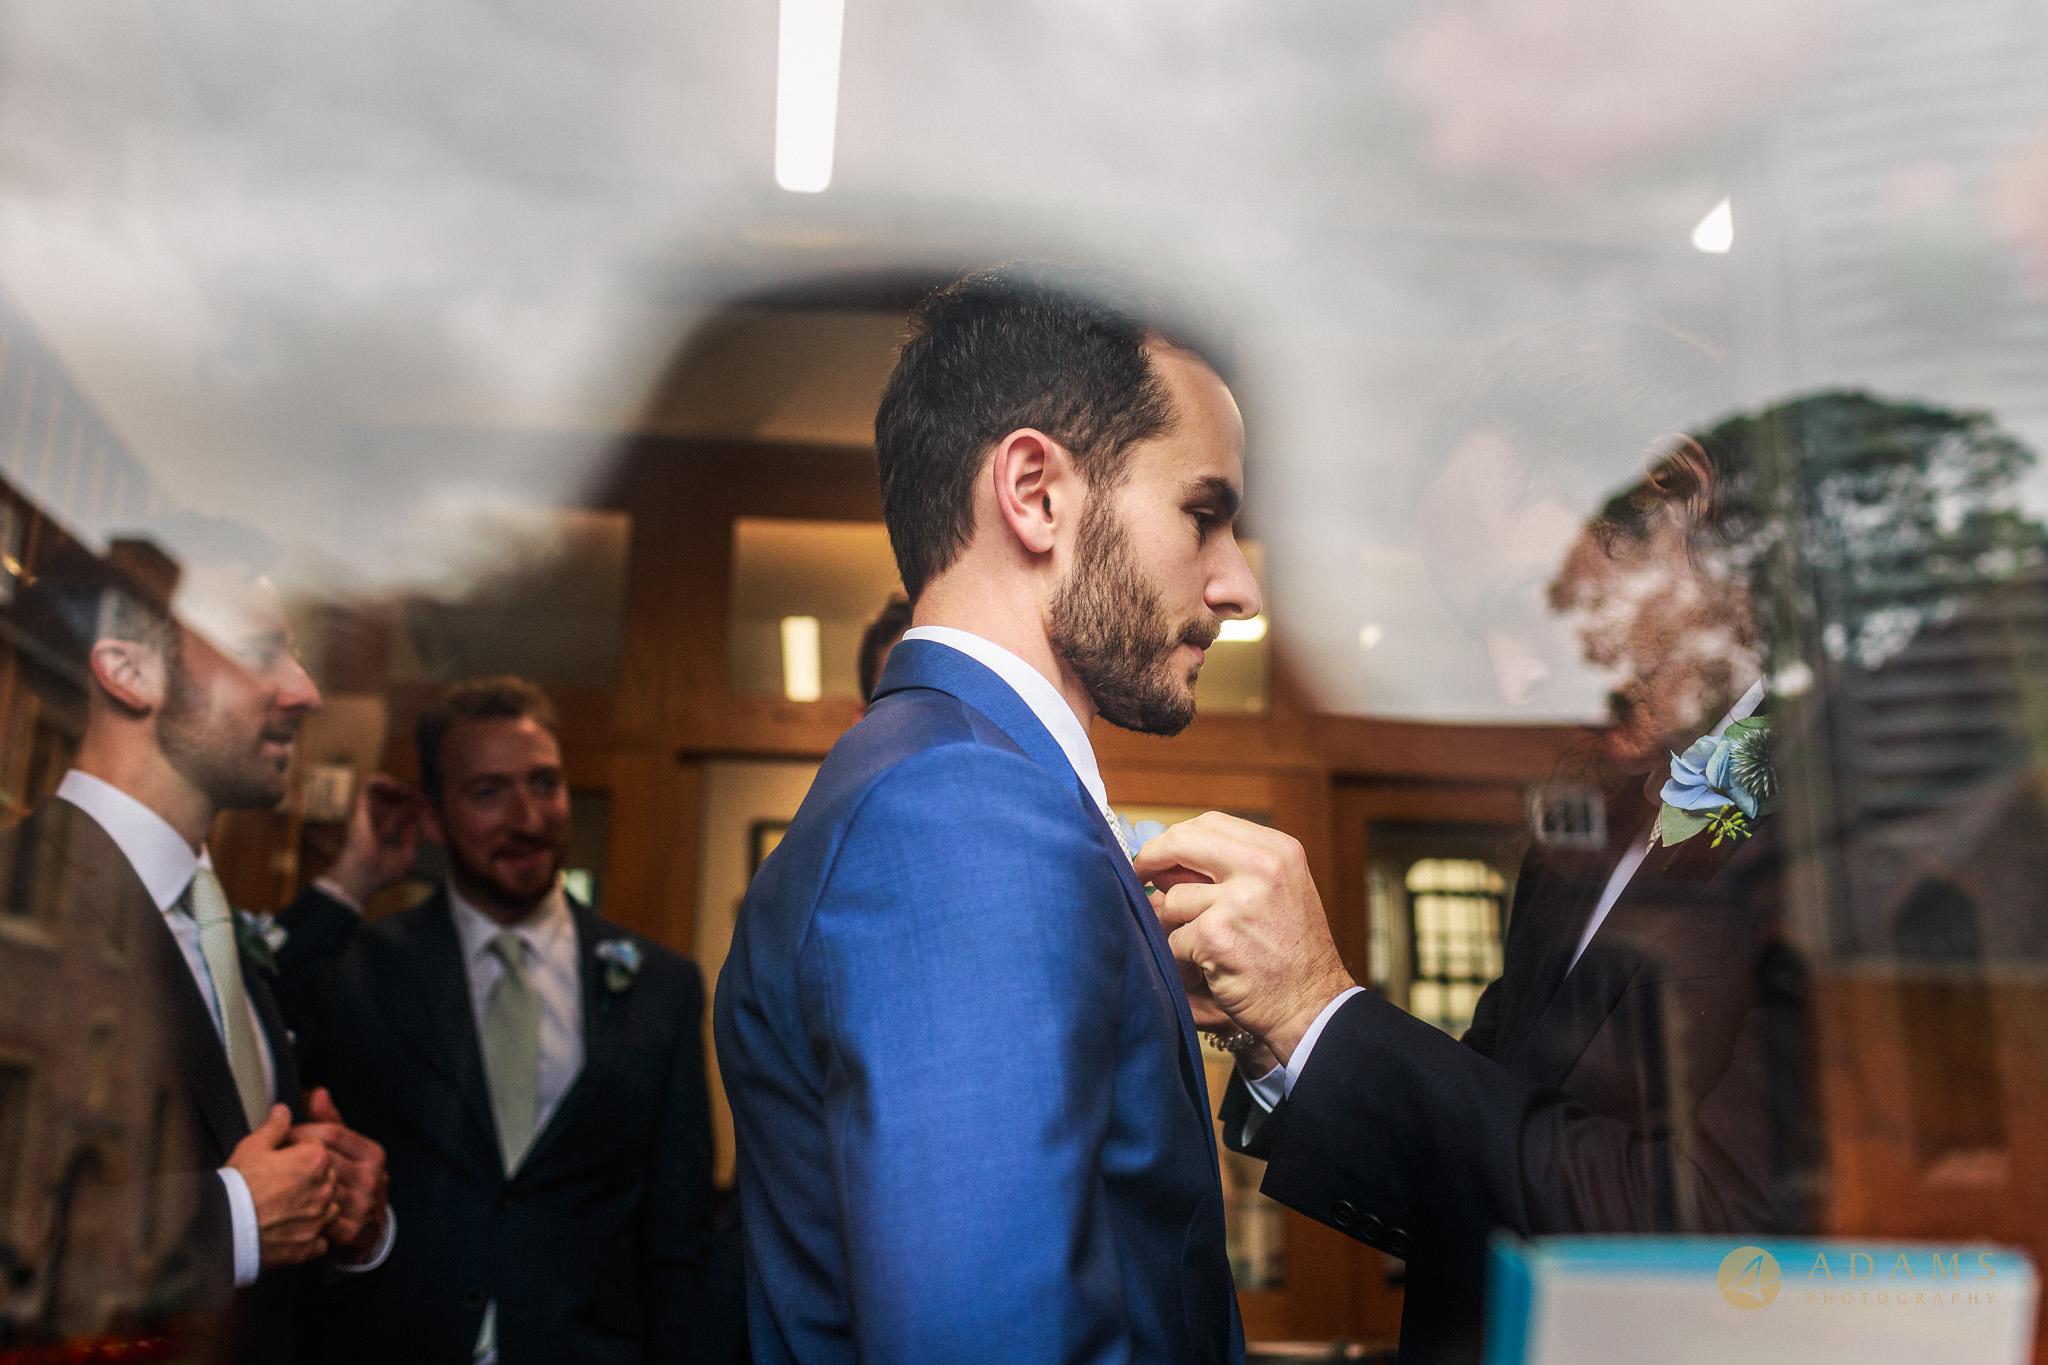 Wedding Photographer Cambridge groom and groomsmen